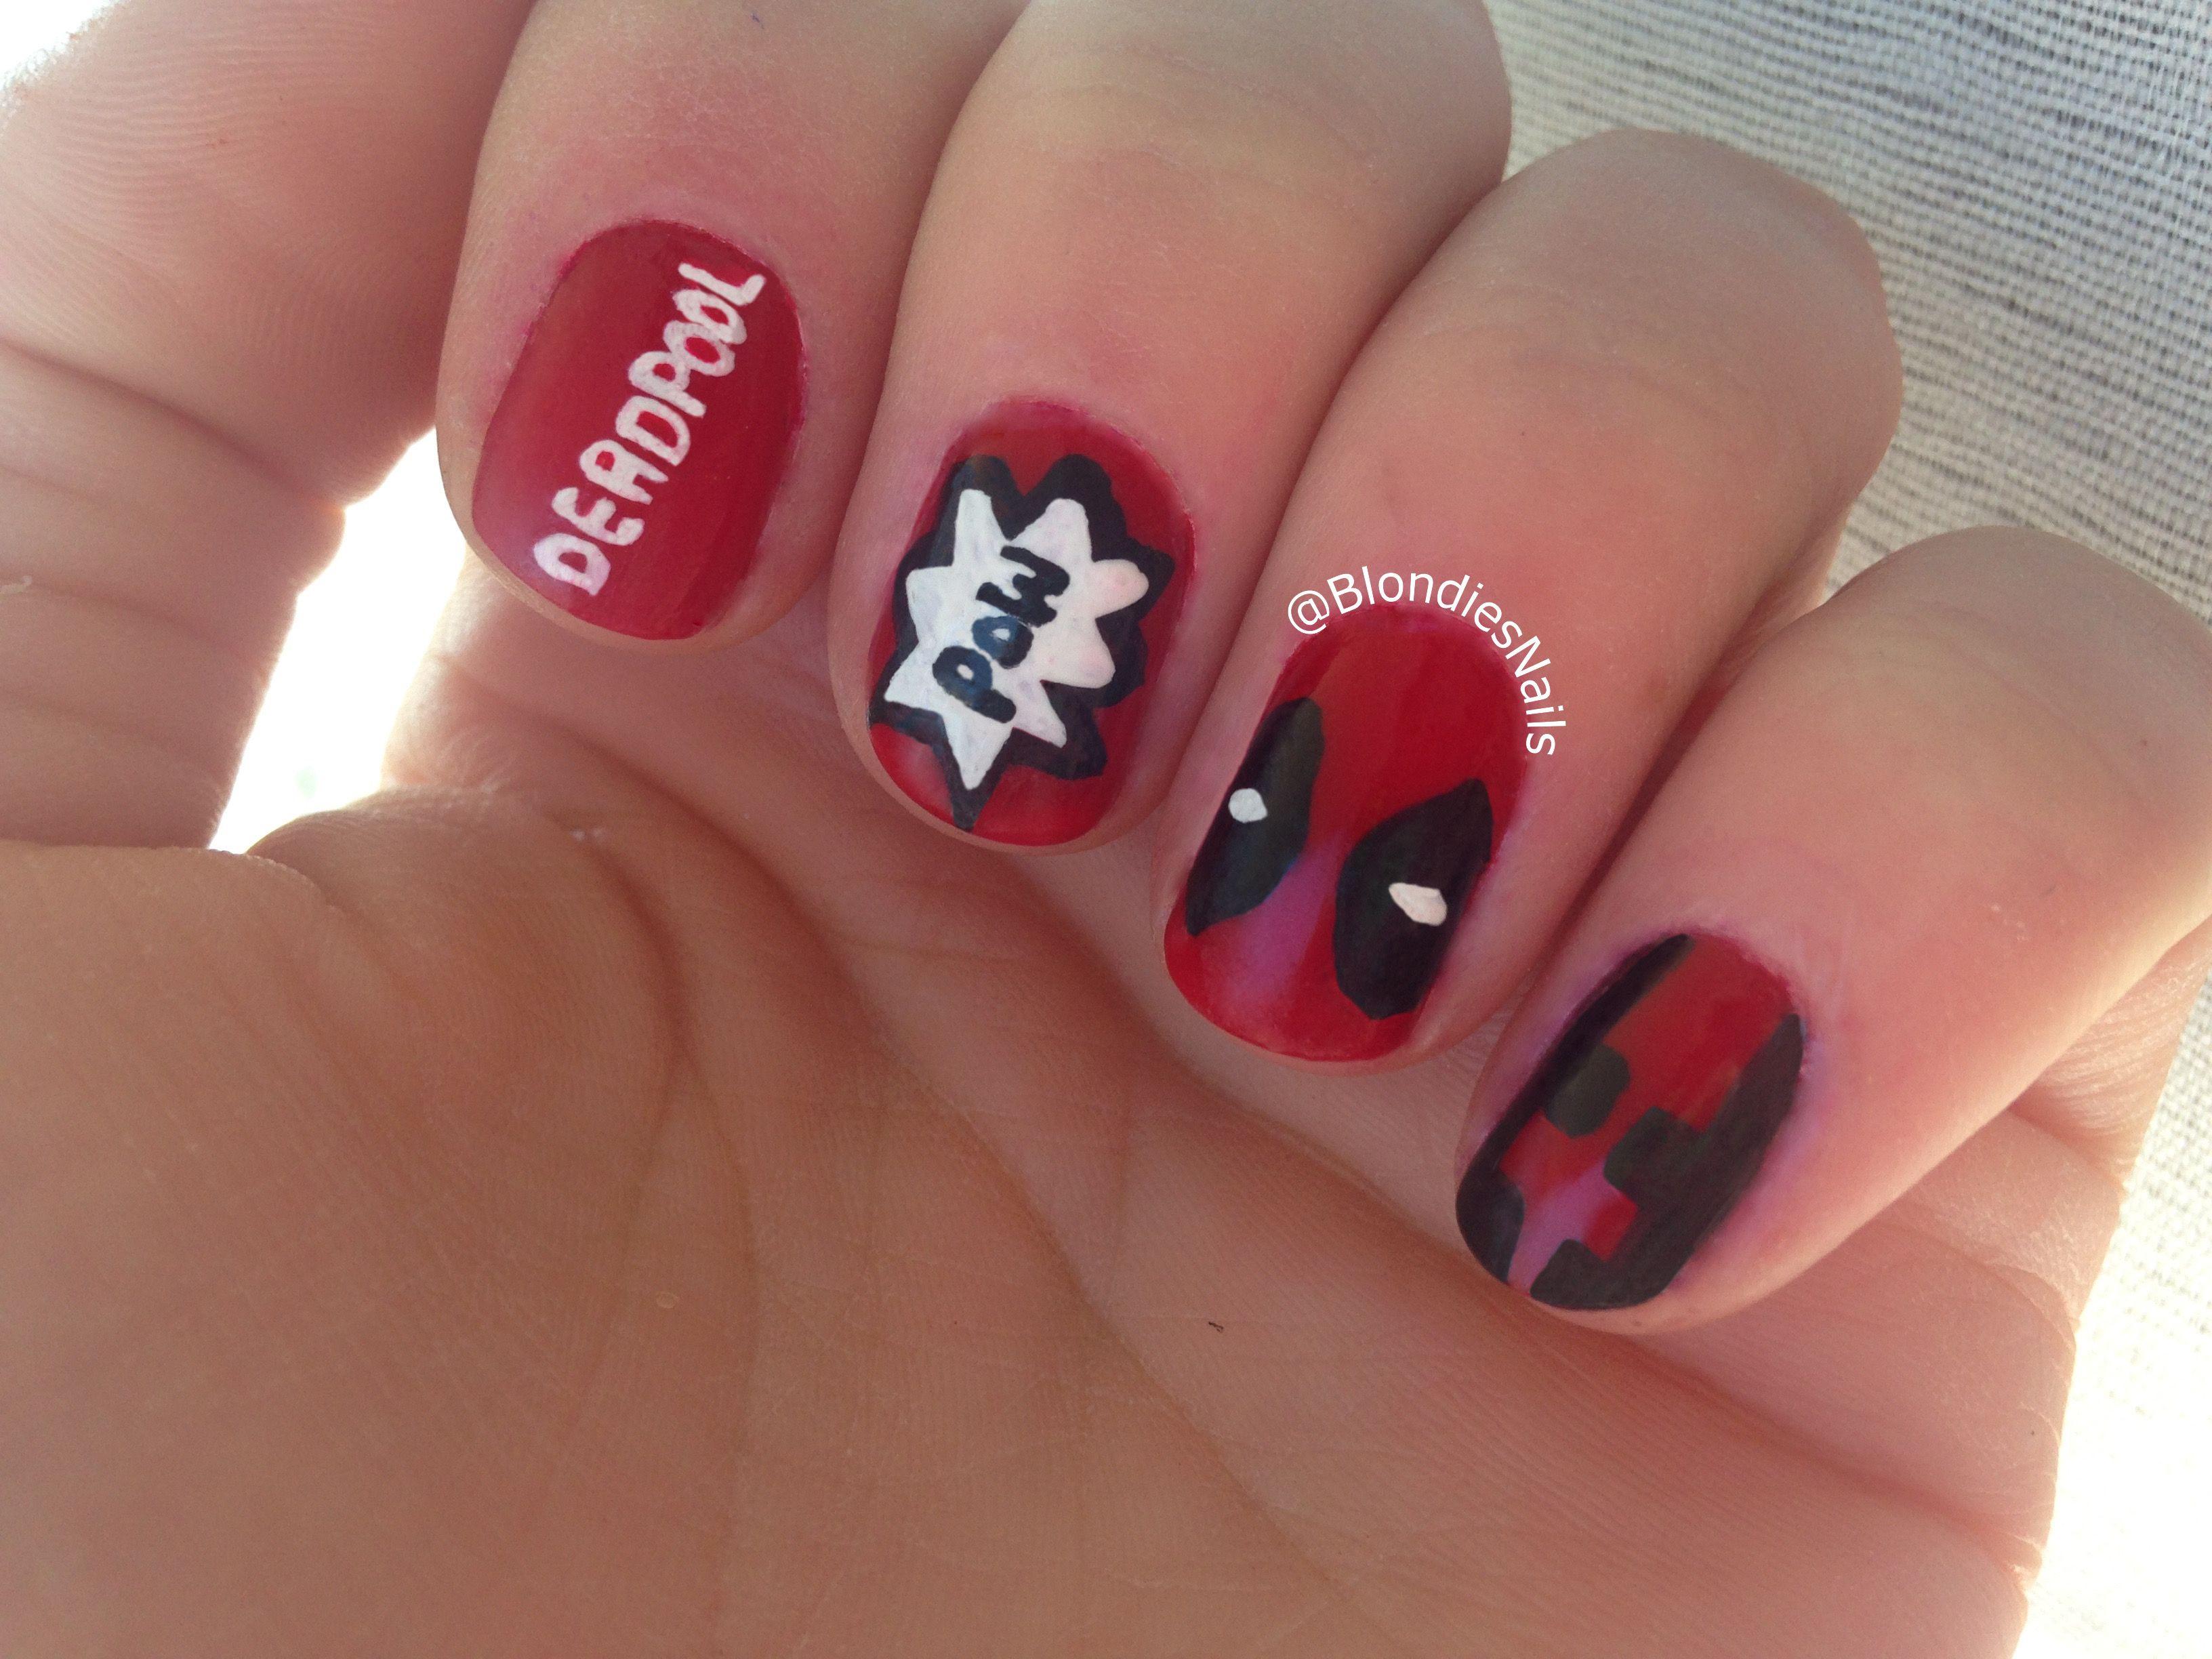 Deapool nails! #deadpool #xmen #marvel #comics #superhero #nails ...